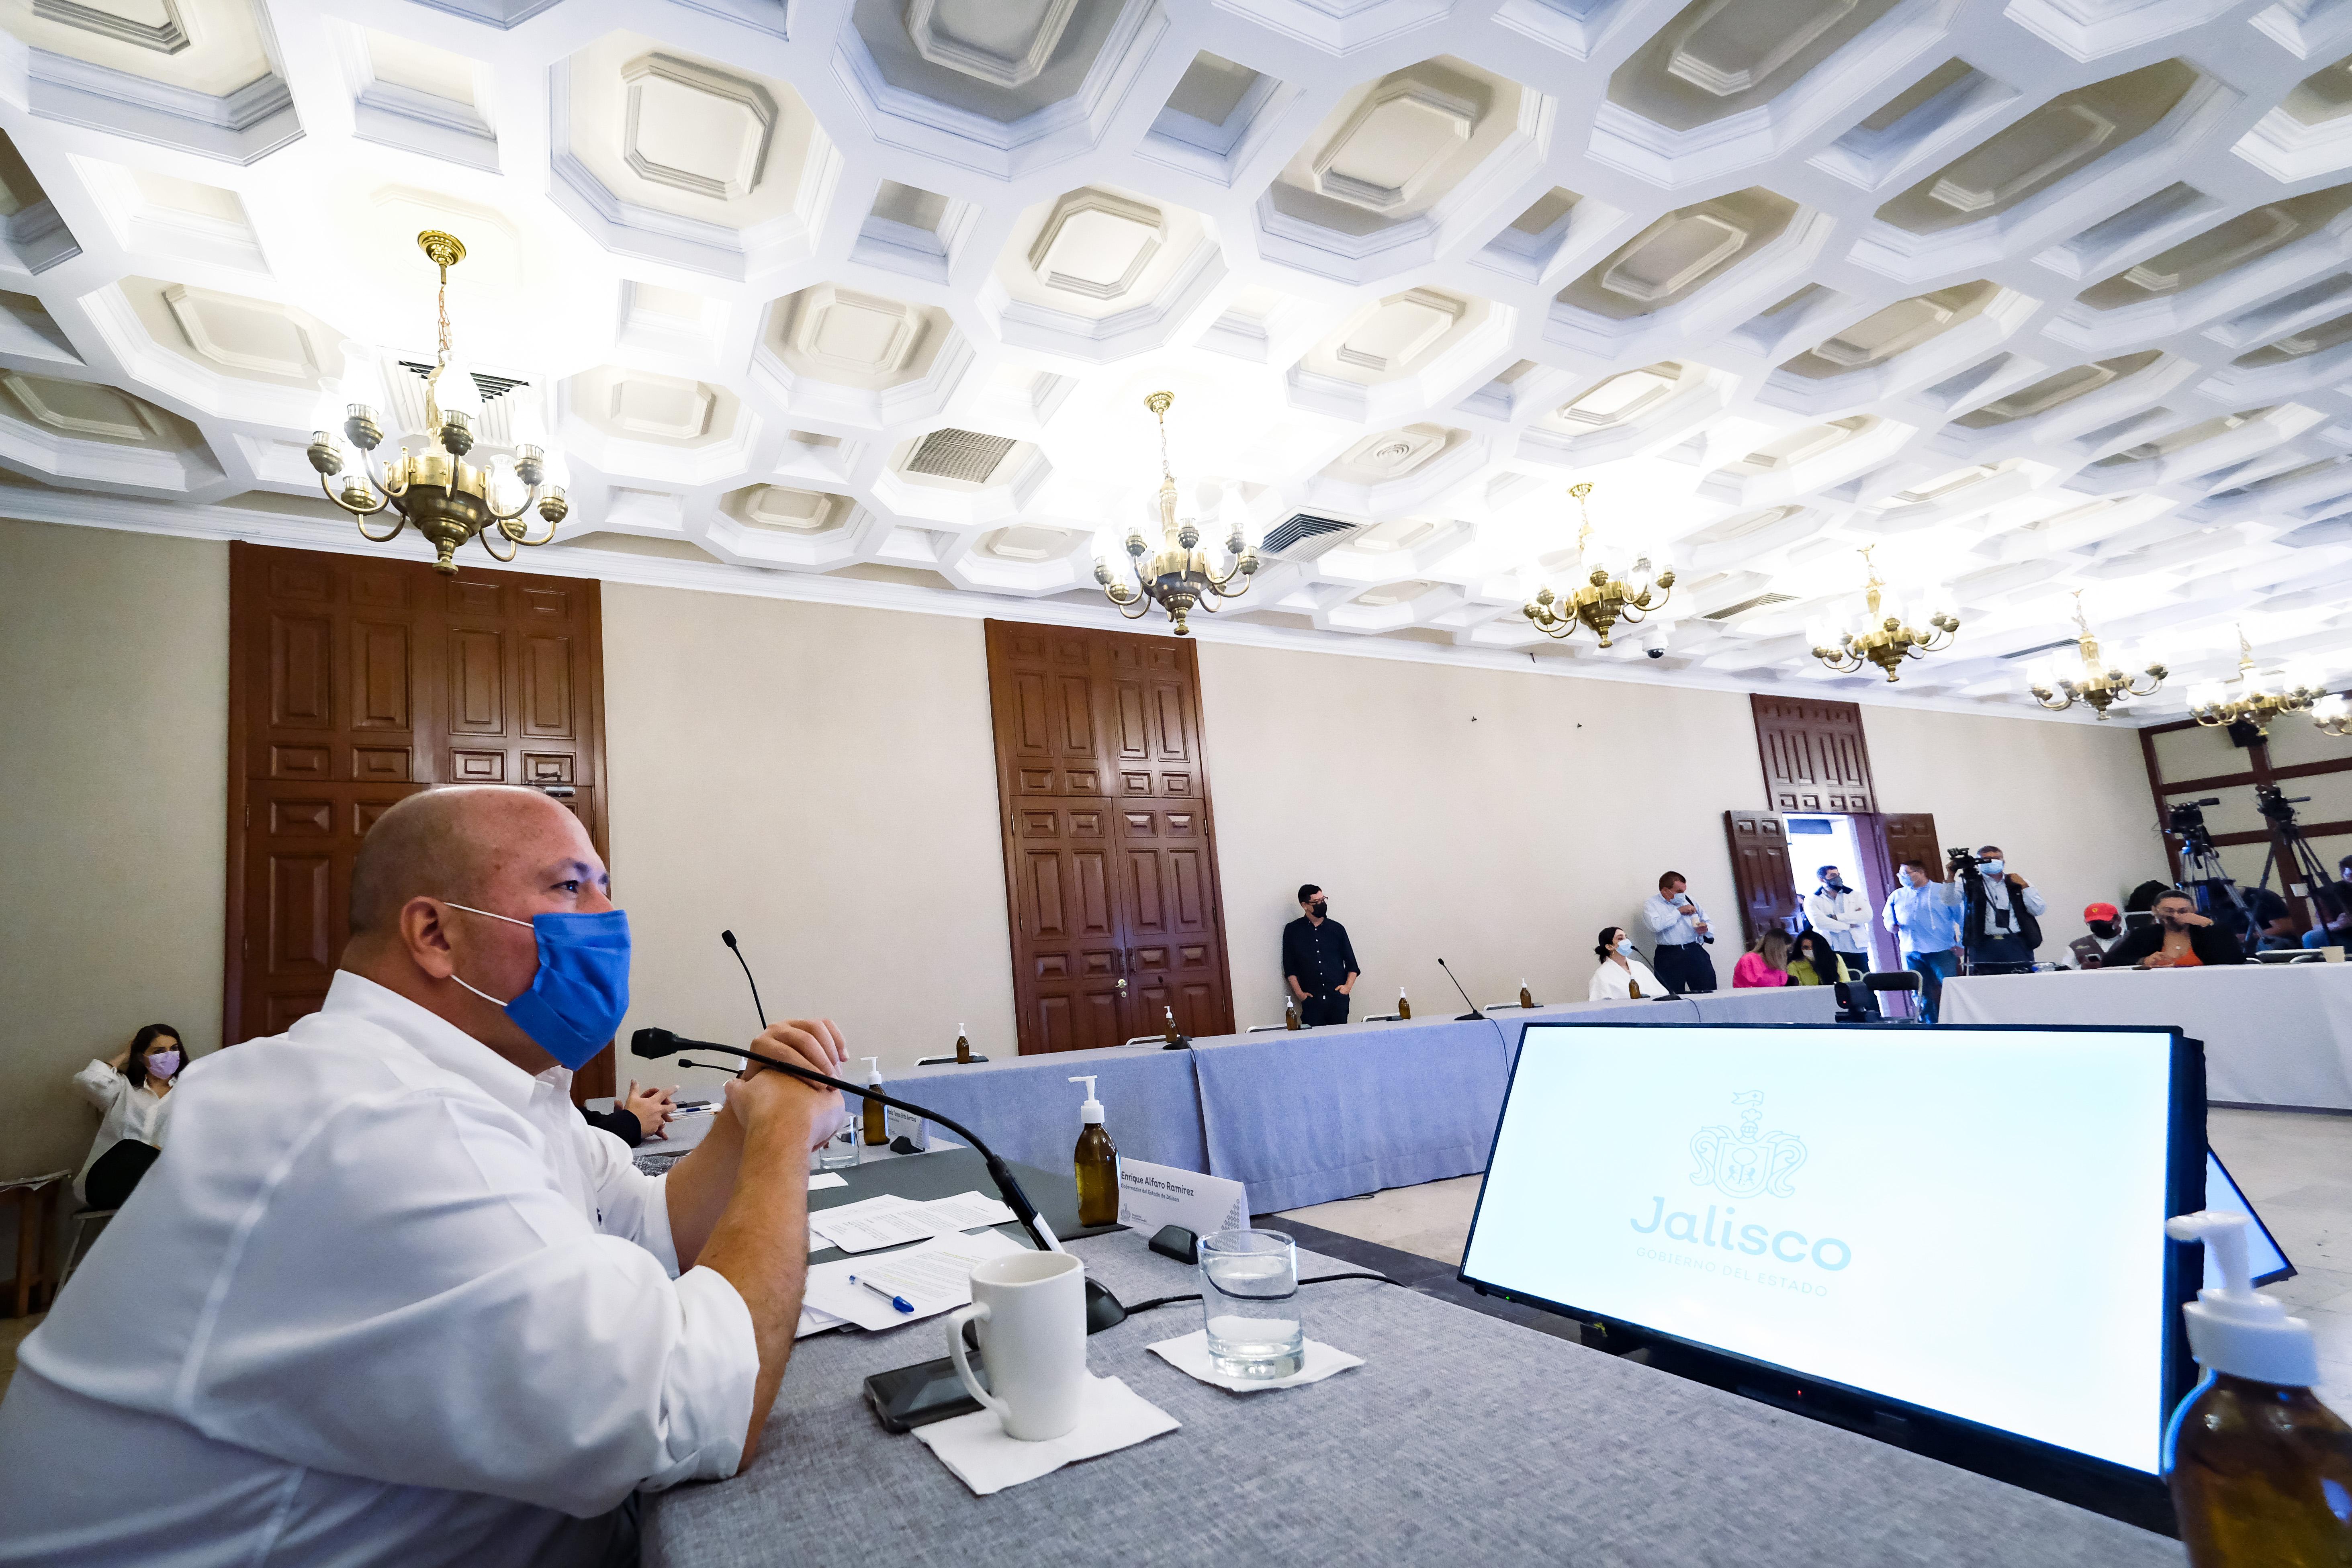 Presentan denuncia ante la Fiscalía Anticorrupción en contra de pensión dorada por inconsistencias en su otorgamiento